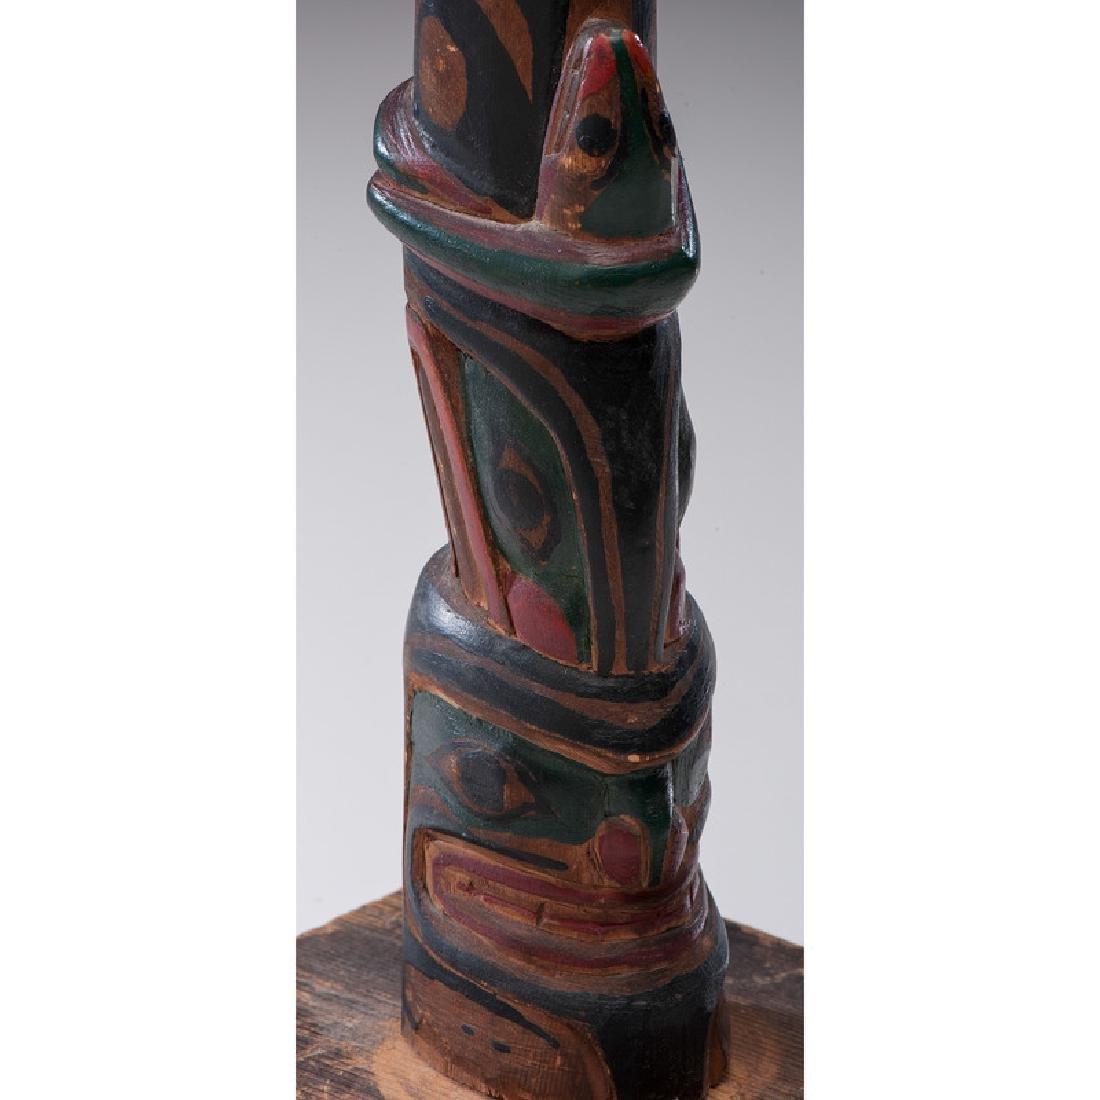 Northwest Coast Carved Wood Model Totem Pole - 7